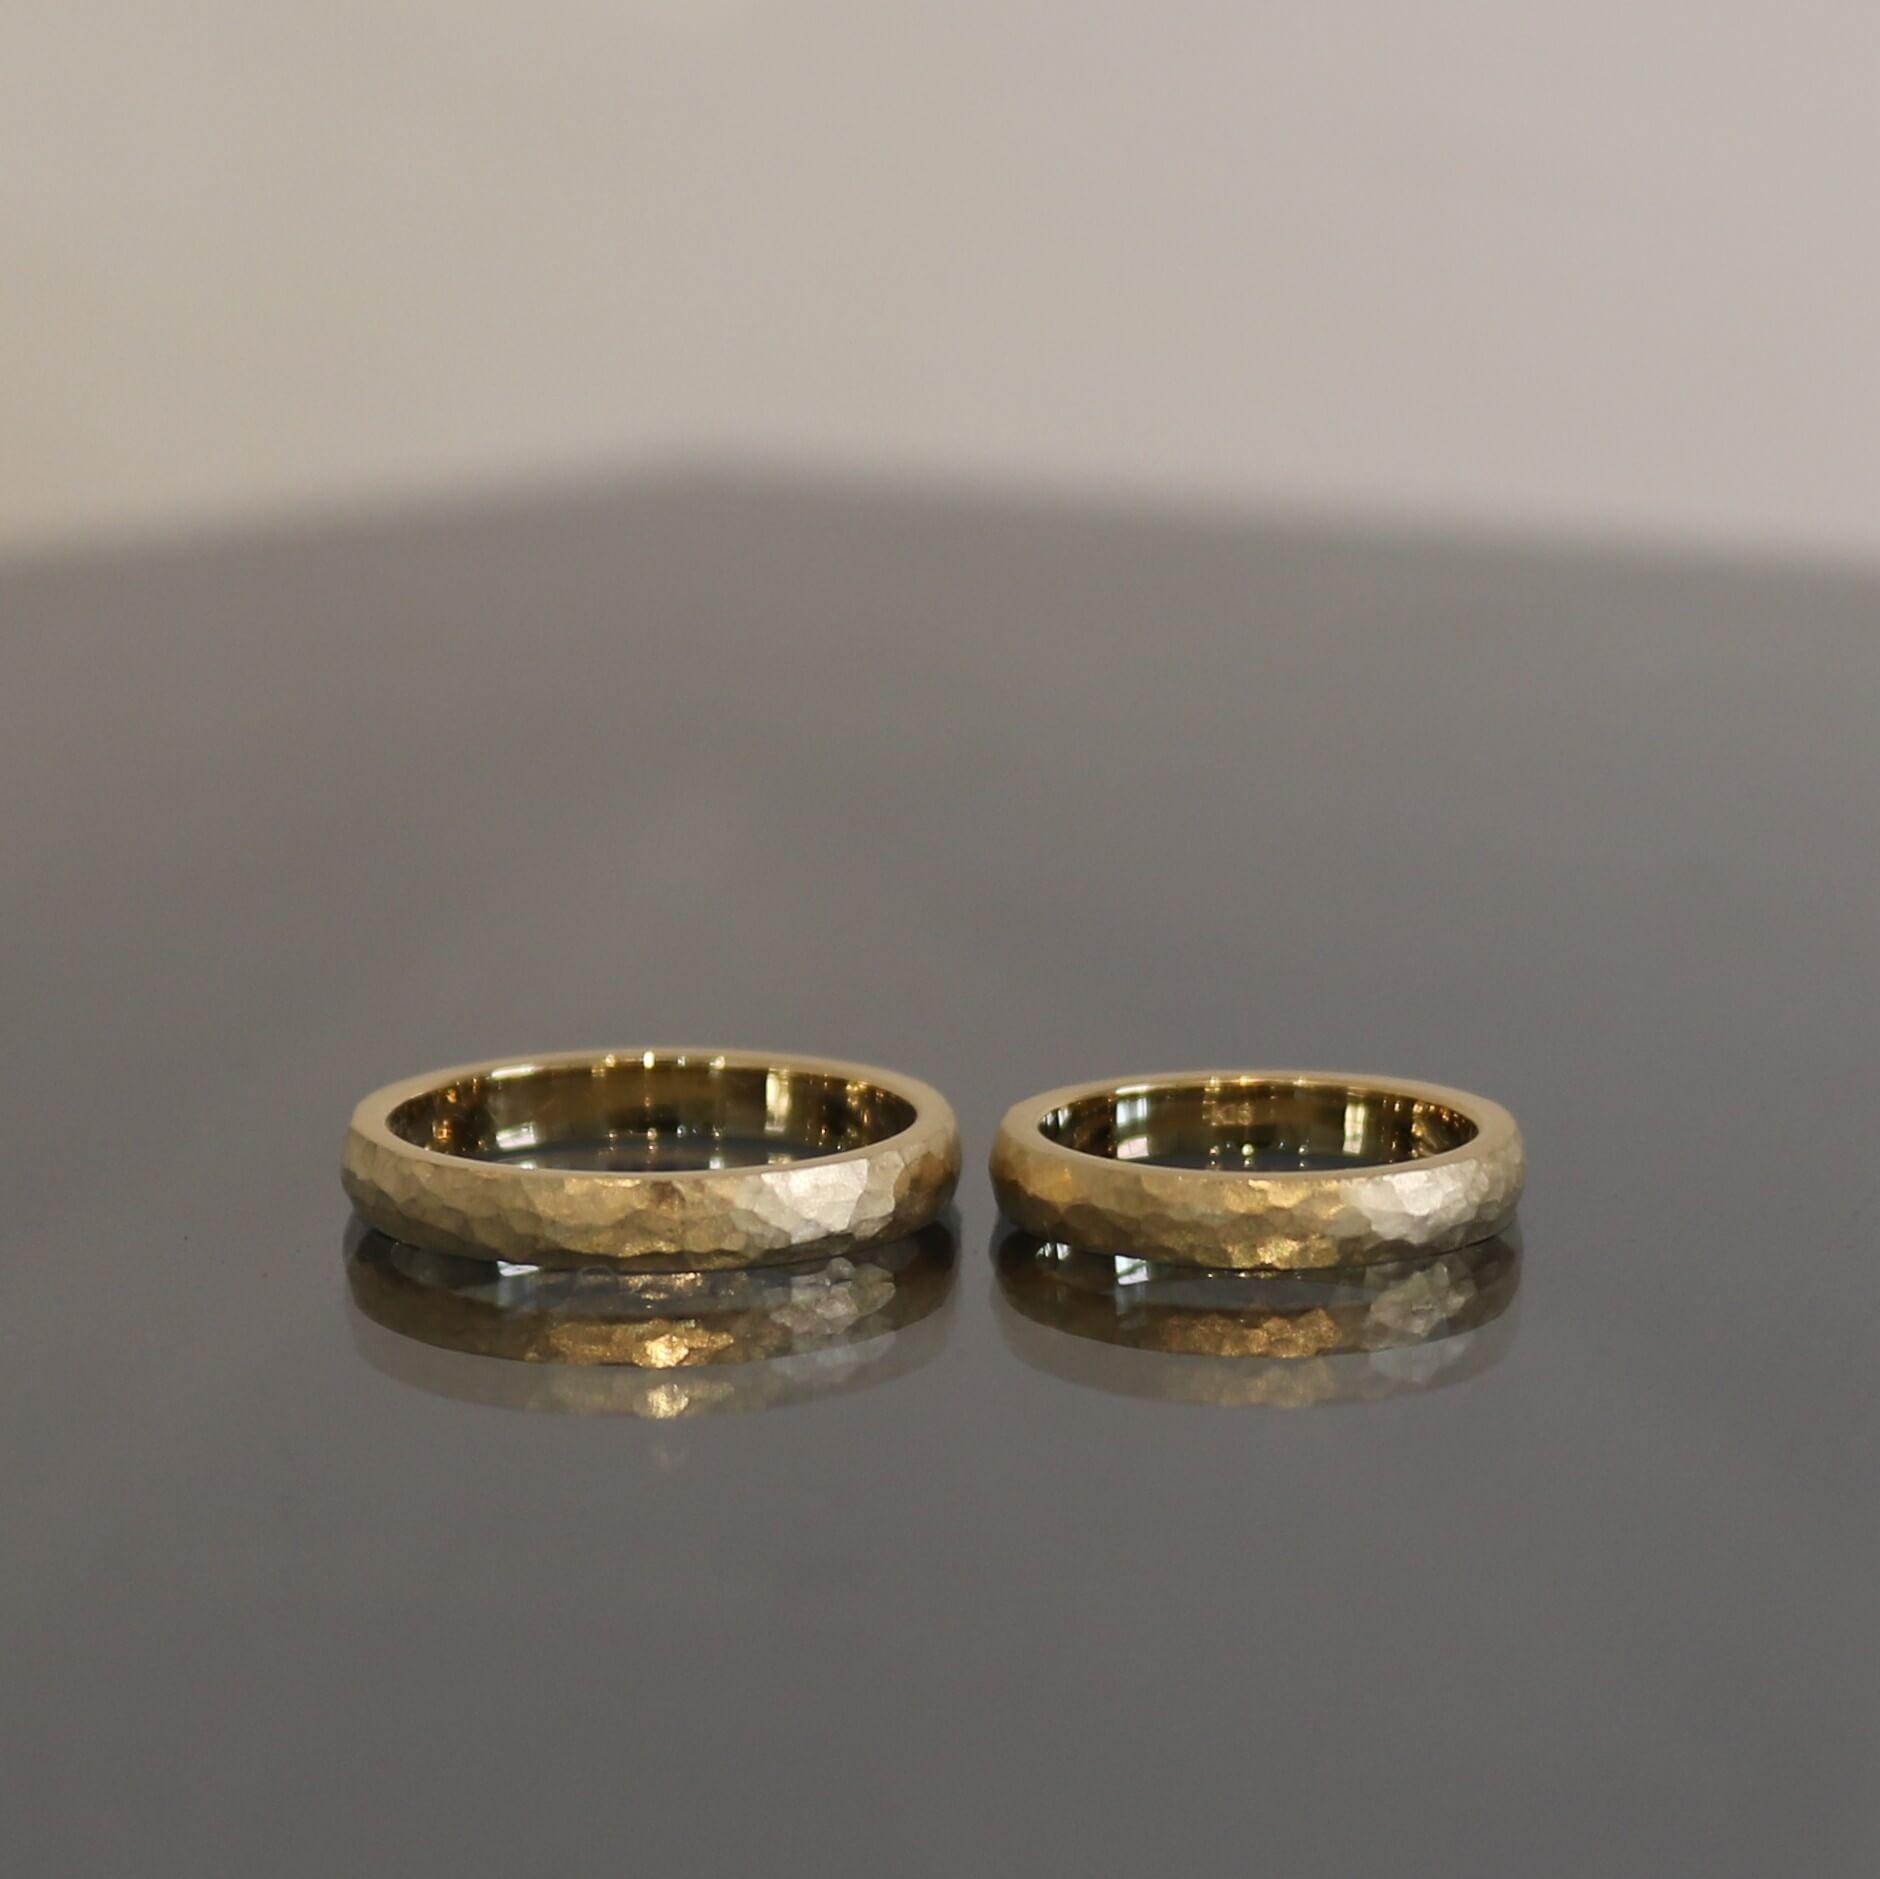 ゴールドの結婚指輪について|デザインとオーダー実績の紹介